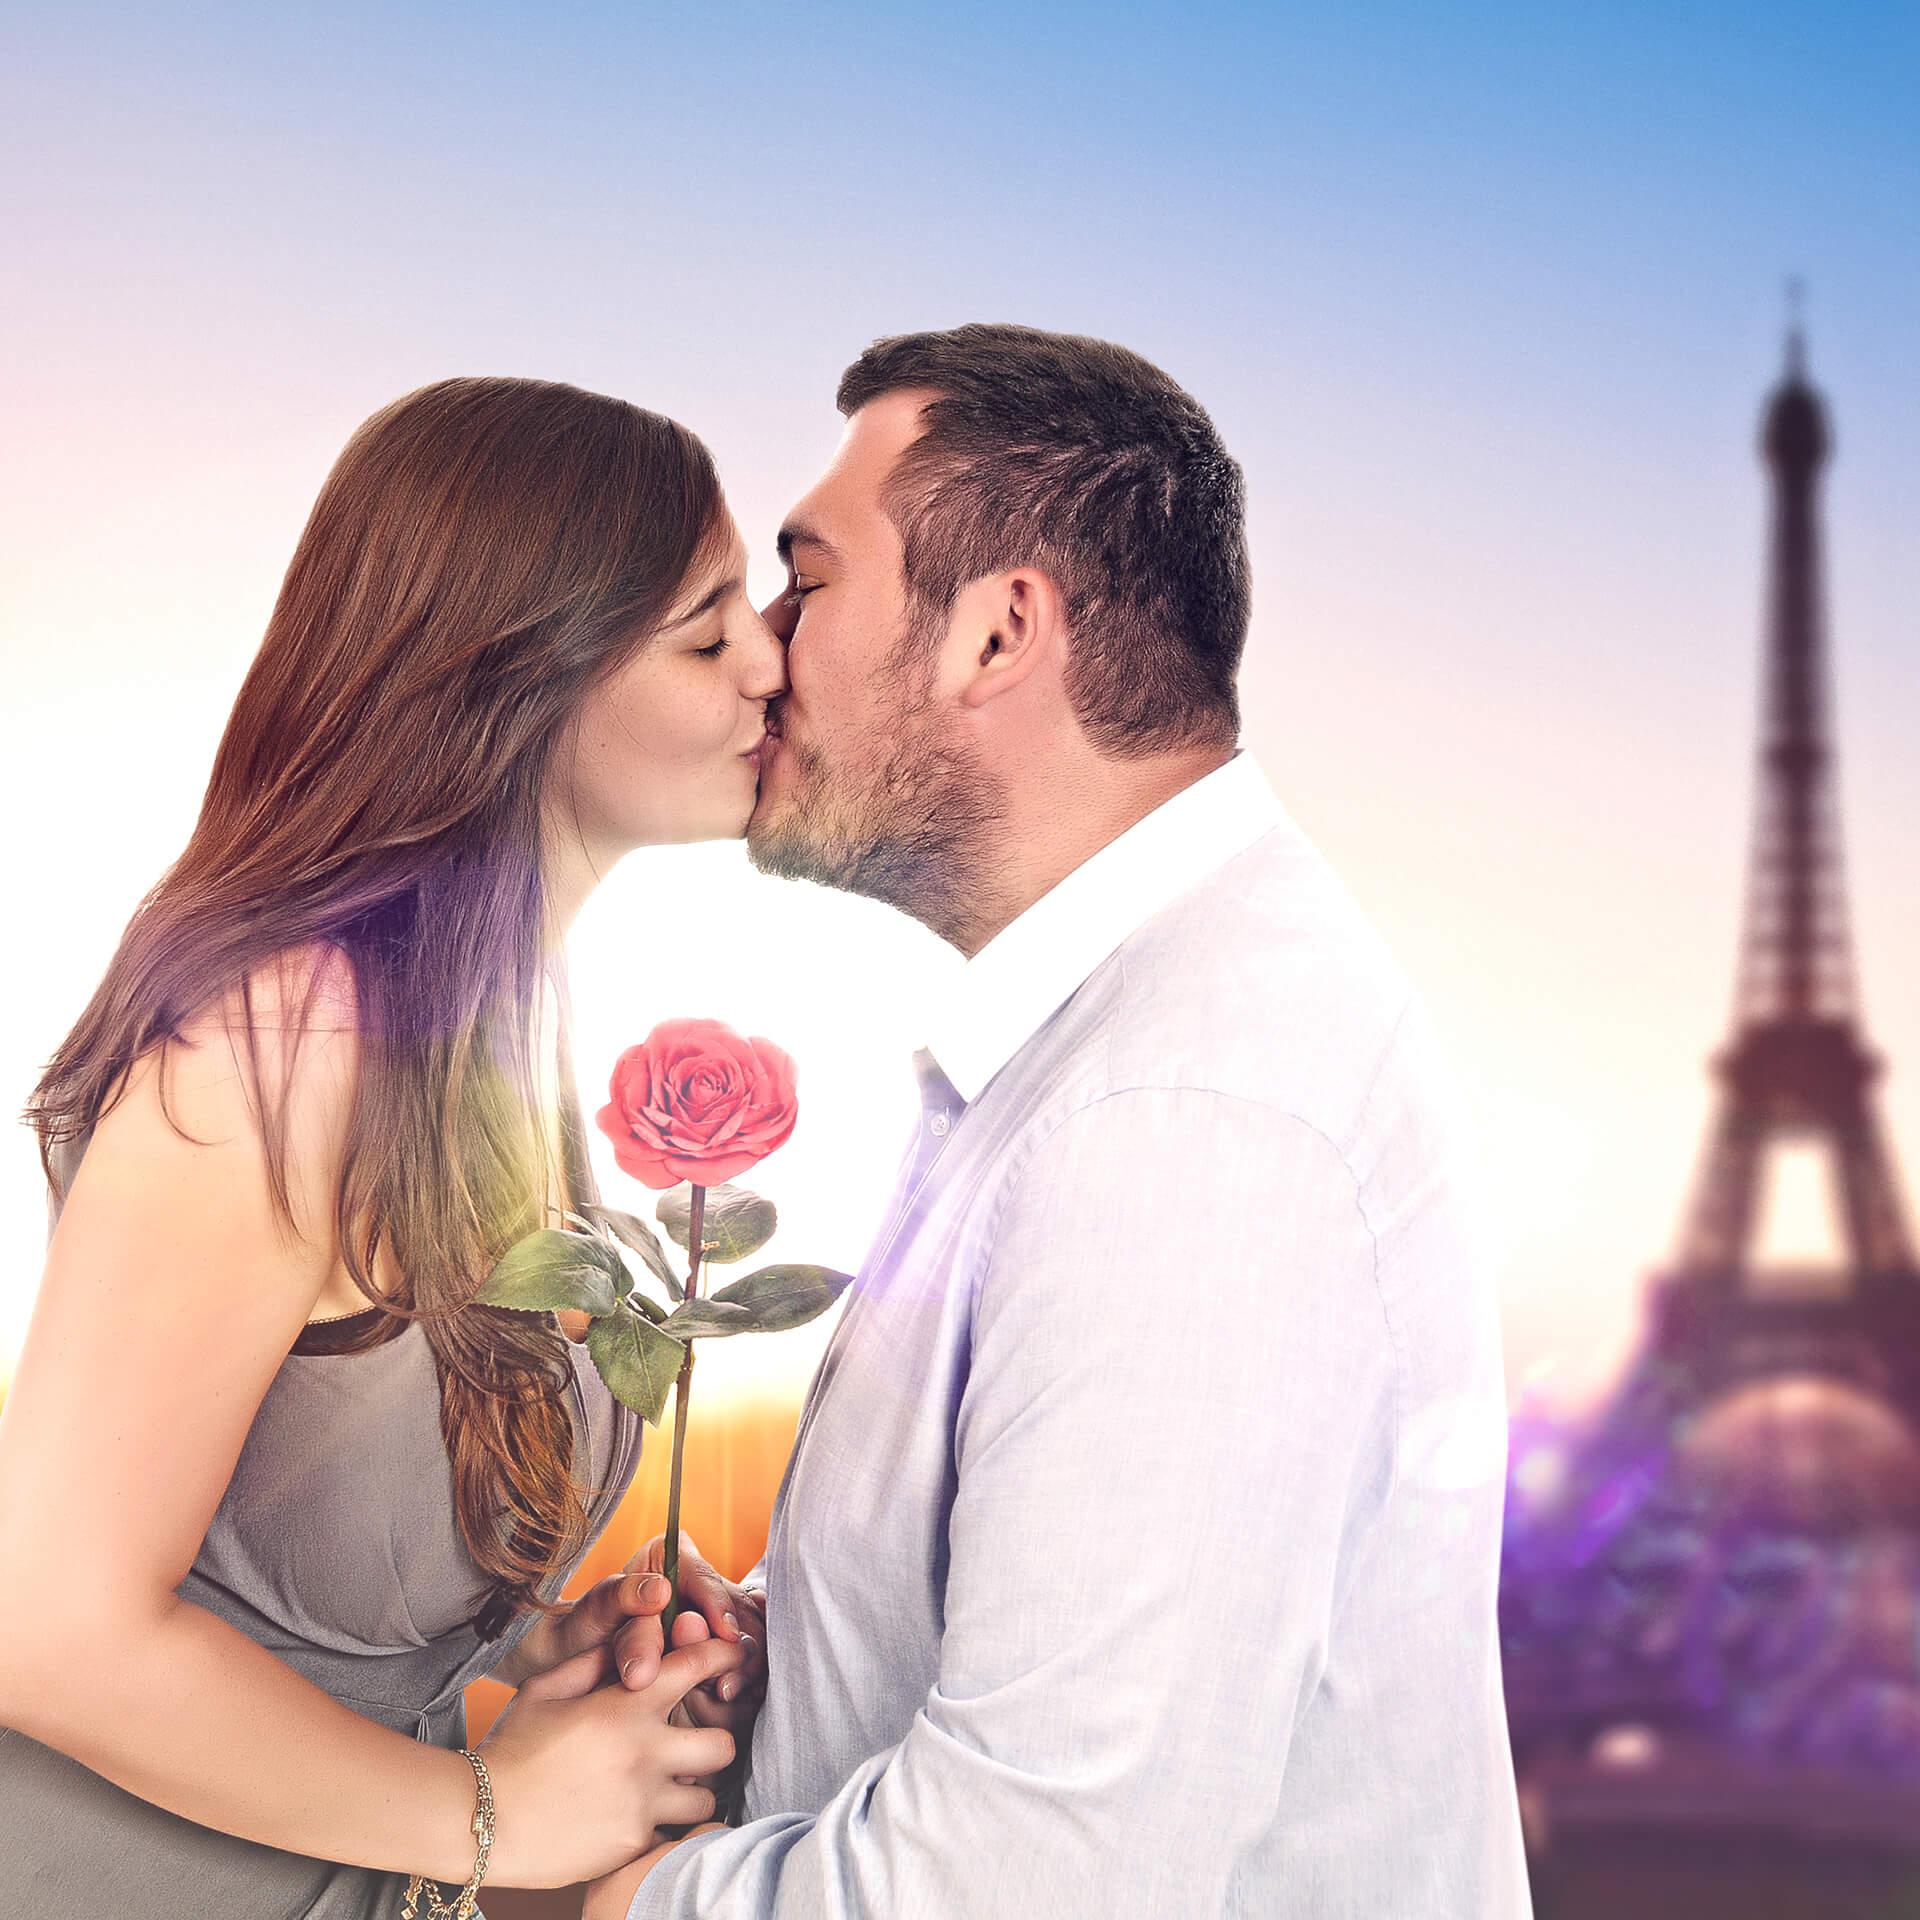 couples photoshoot from kline studios